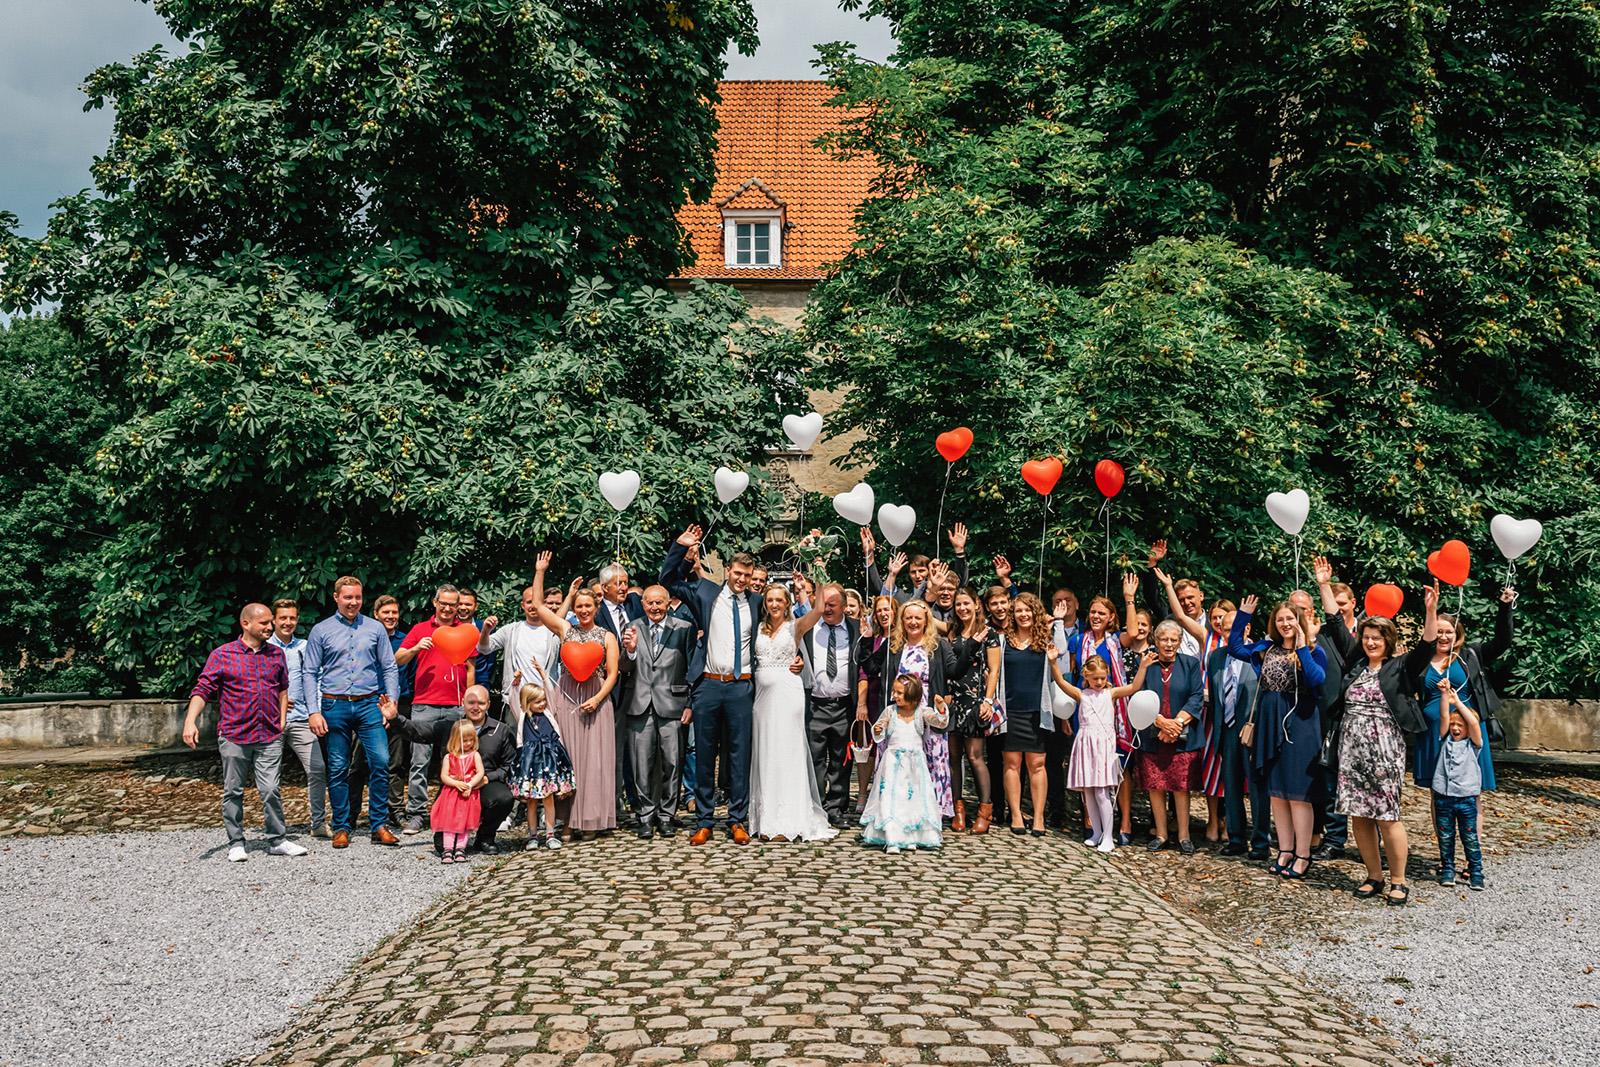 Hochzeitfotografie Gruppenbild der Hochzeitsgesellschaft